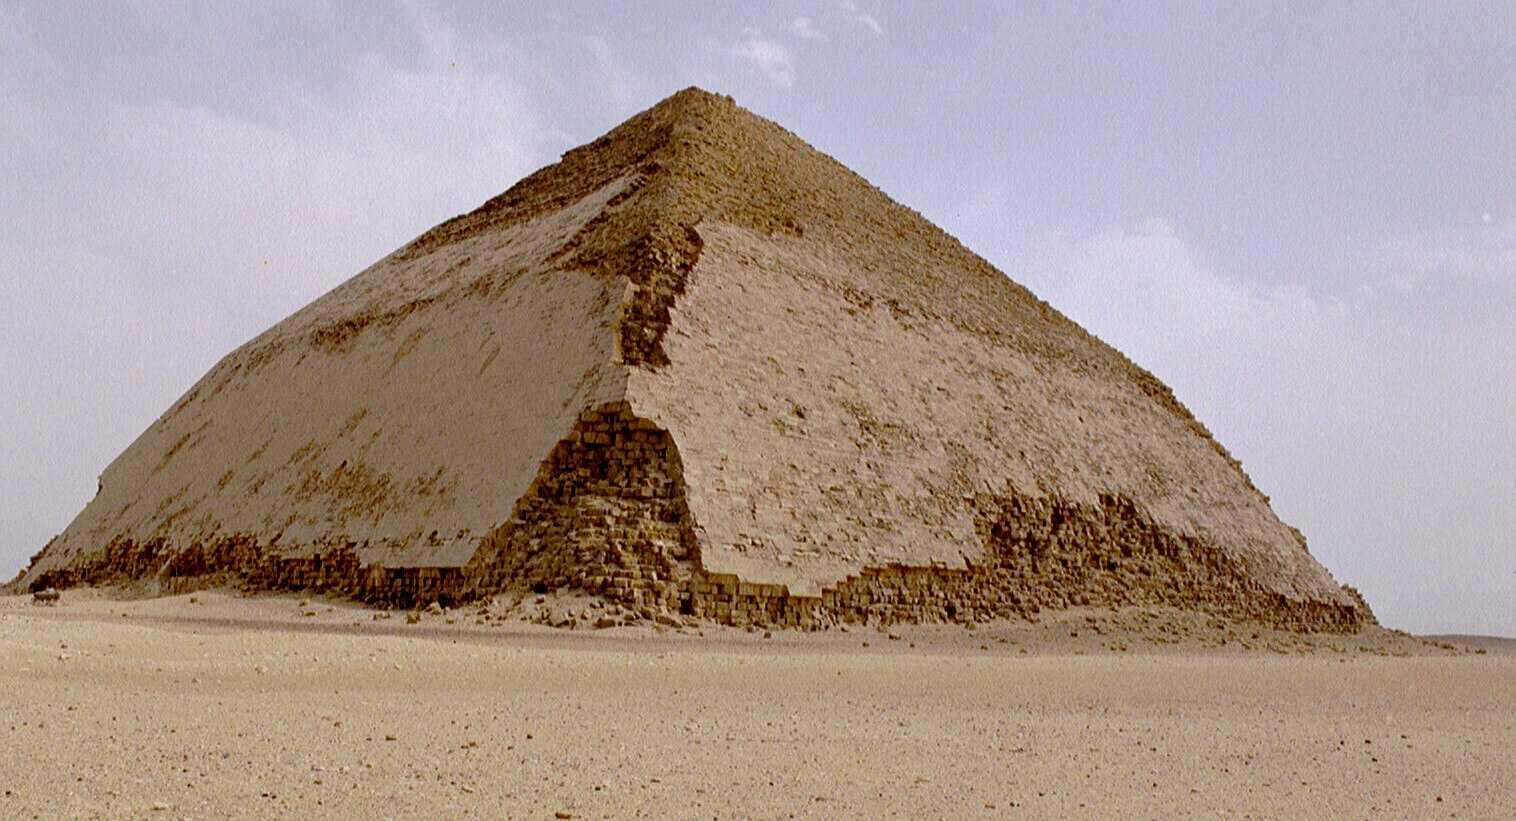 Die Knickpyramide von Dahschur